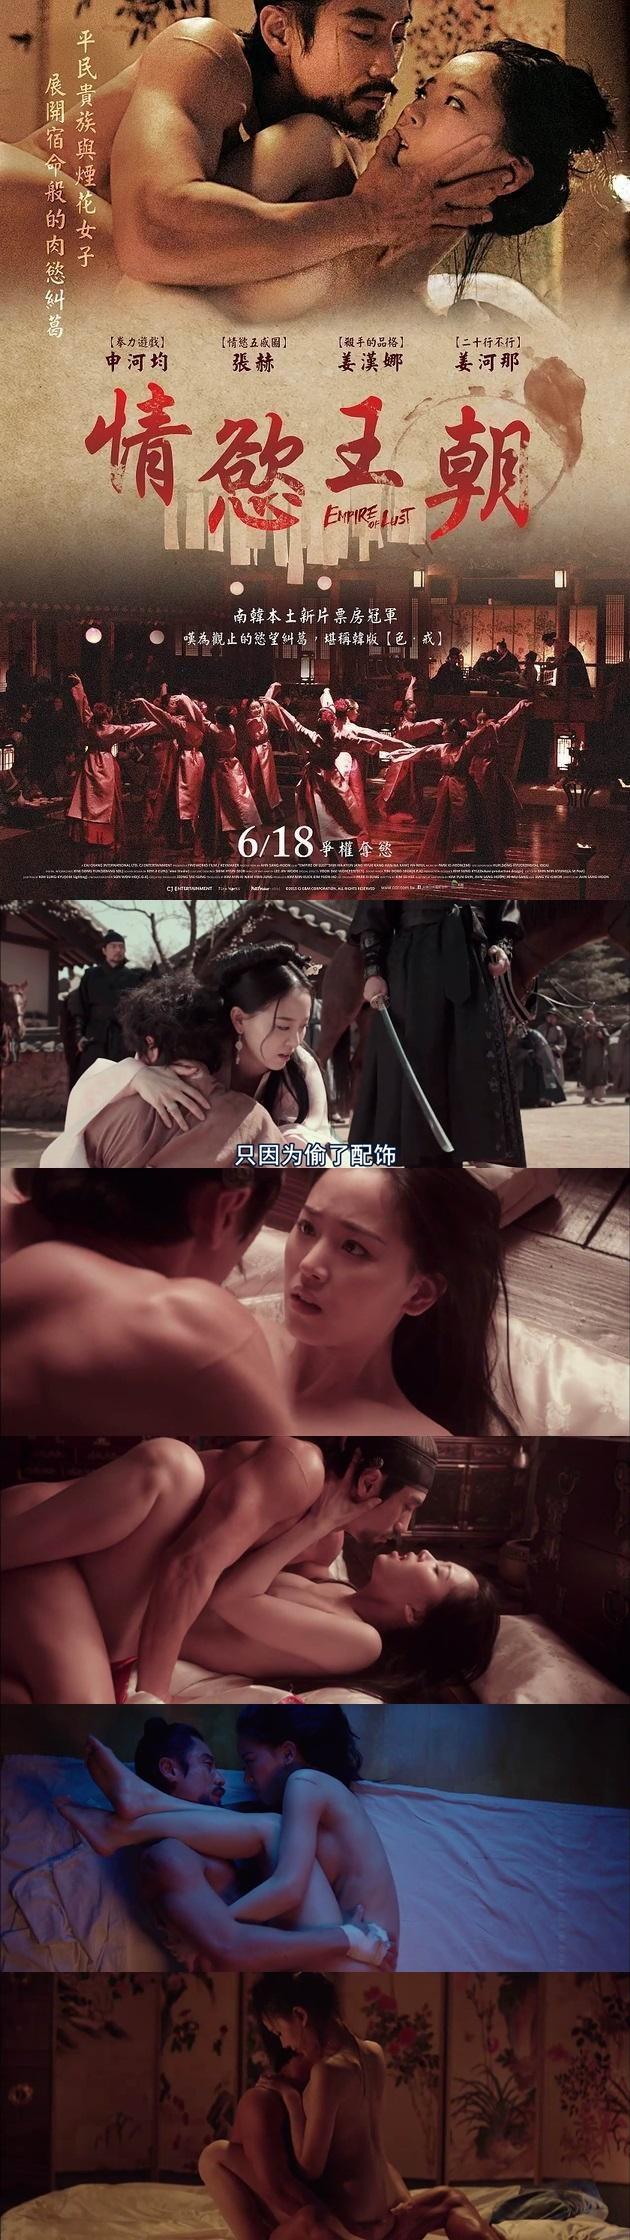 [中文字幕](CETD-217)墮入深吻的有閒夫人5想要被愛填滿…與傭人嘴唇緊貼濃密舔吻生中出性愛翔田千里